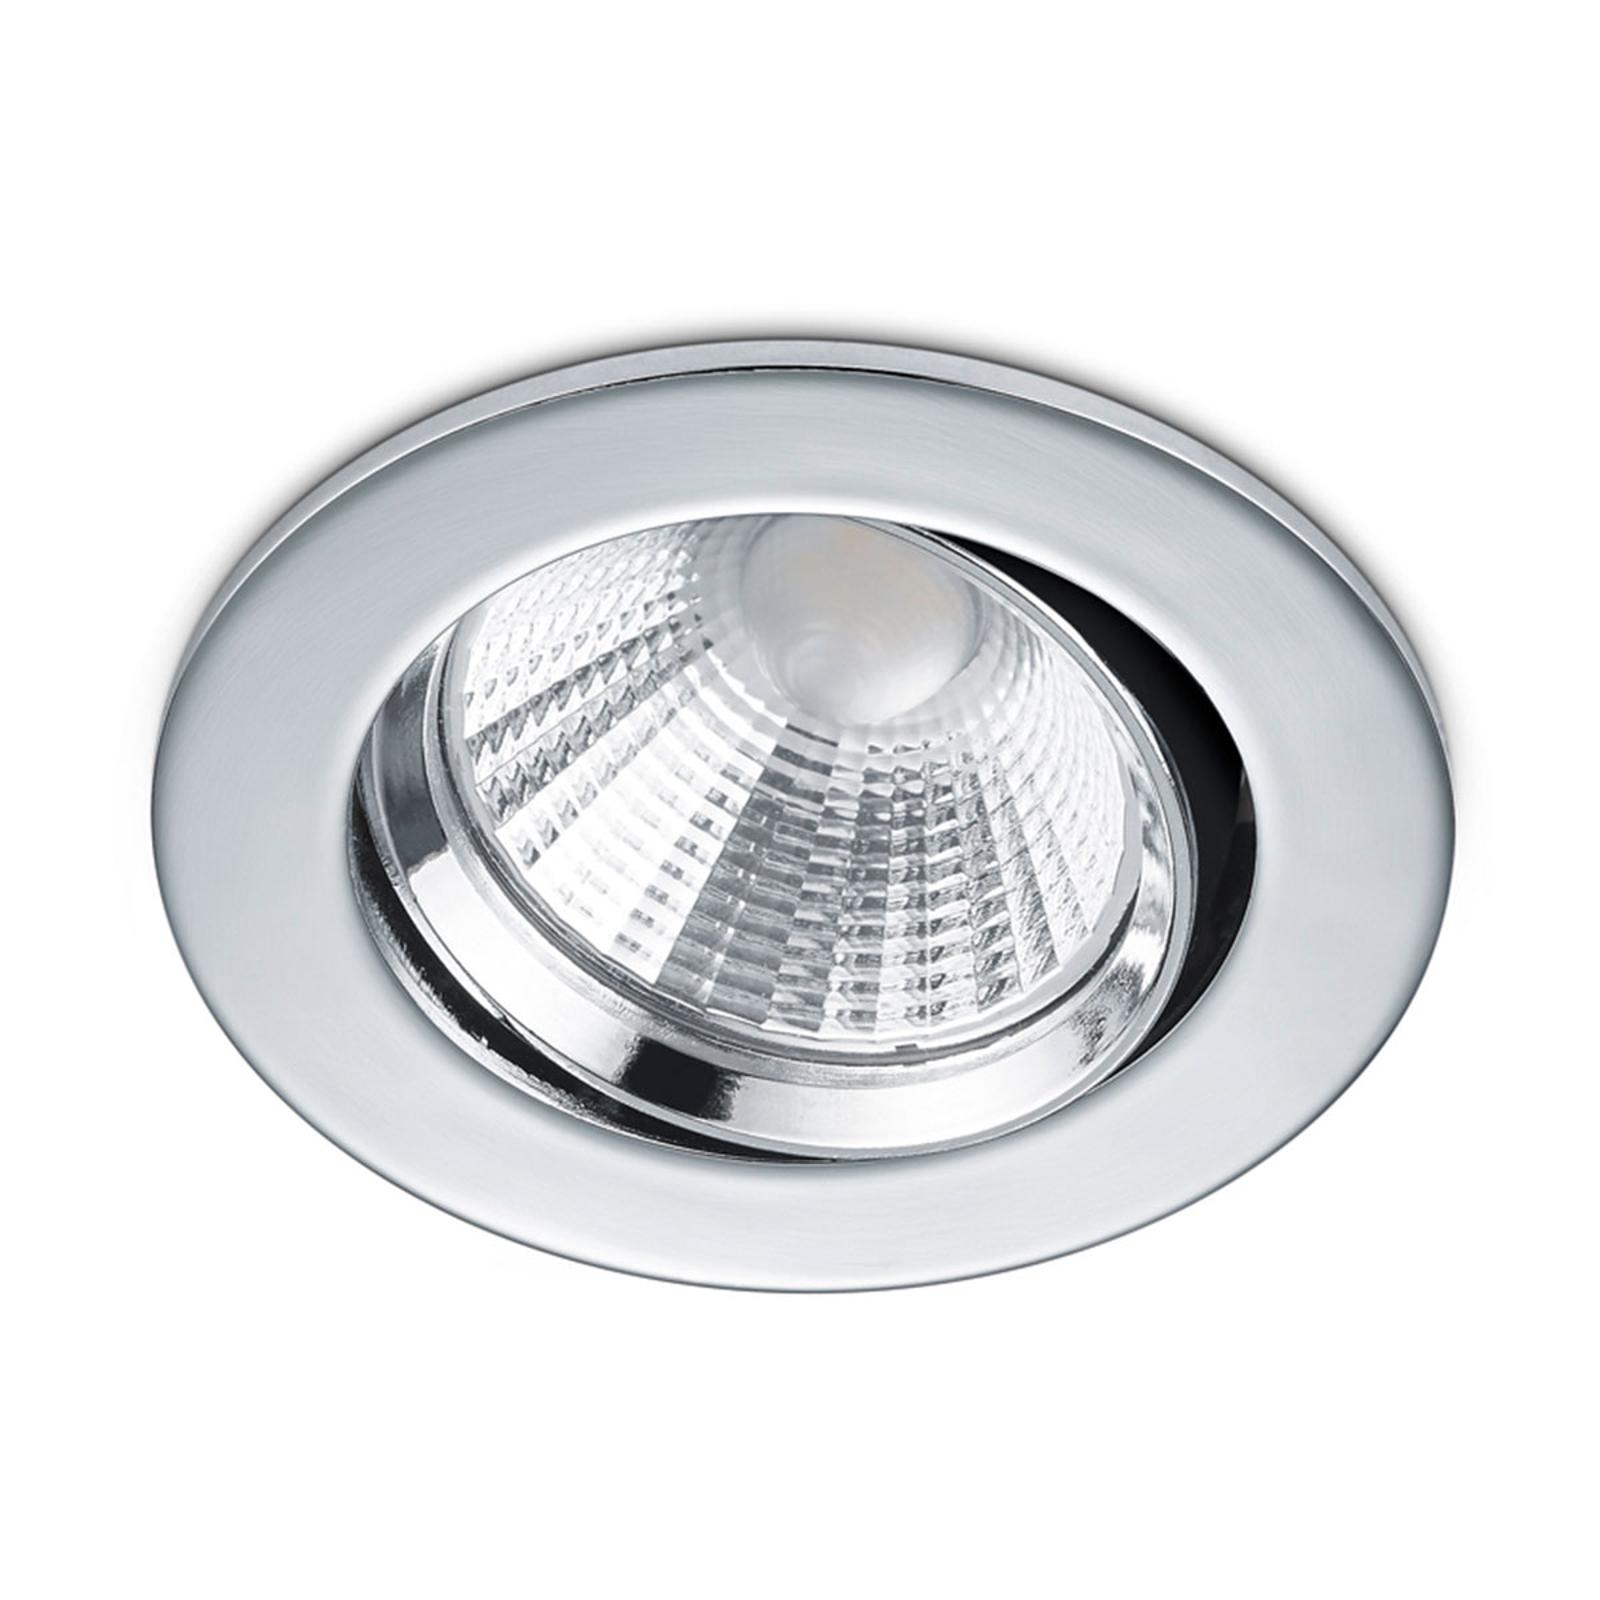 Ronde LED inbouwspot Pamir in chroom